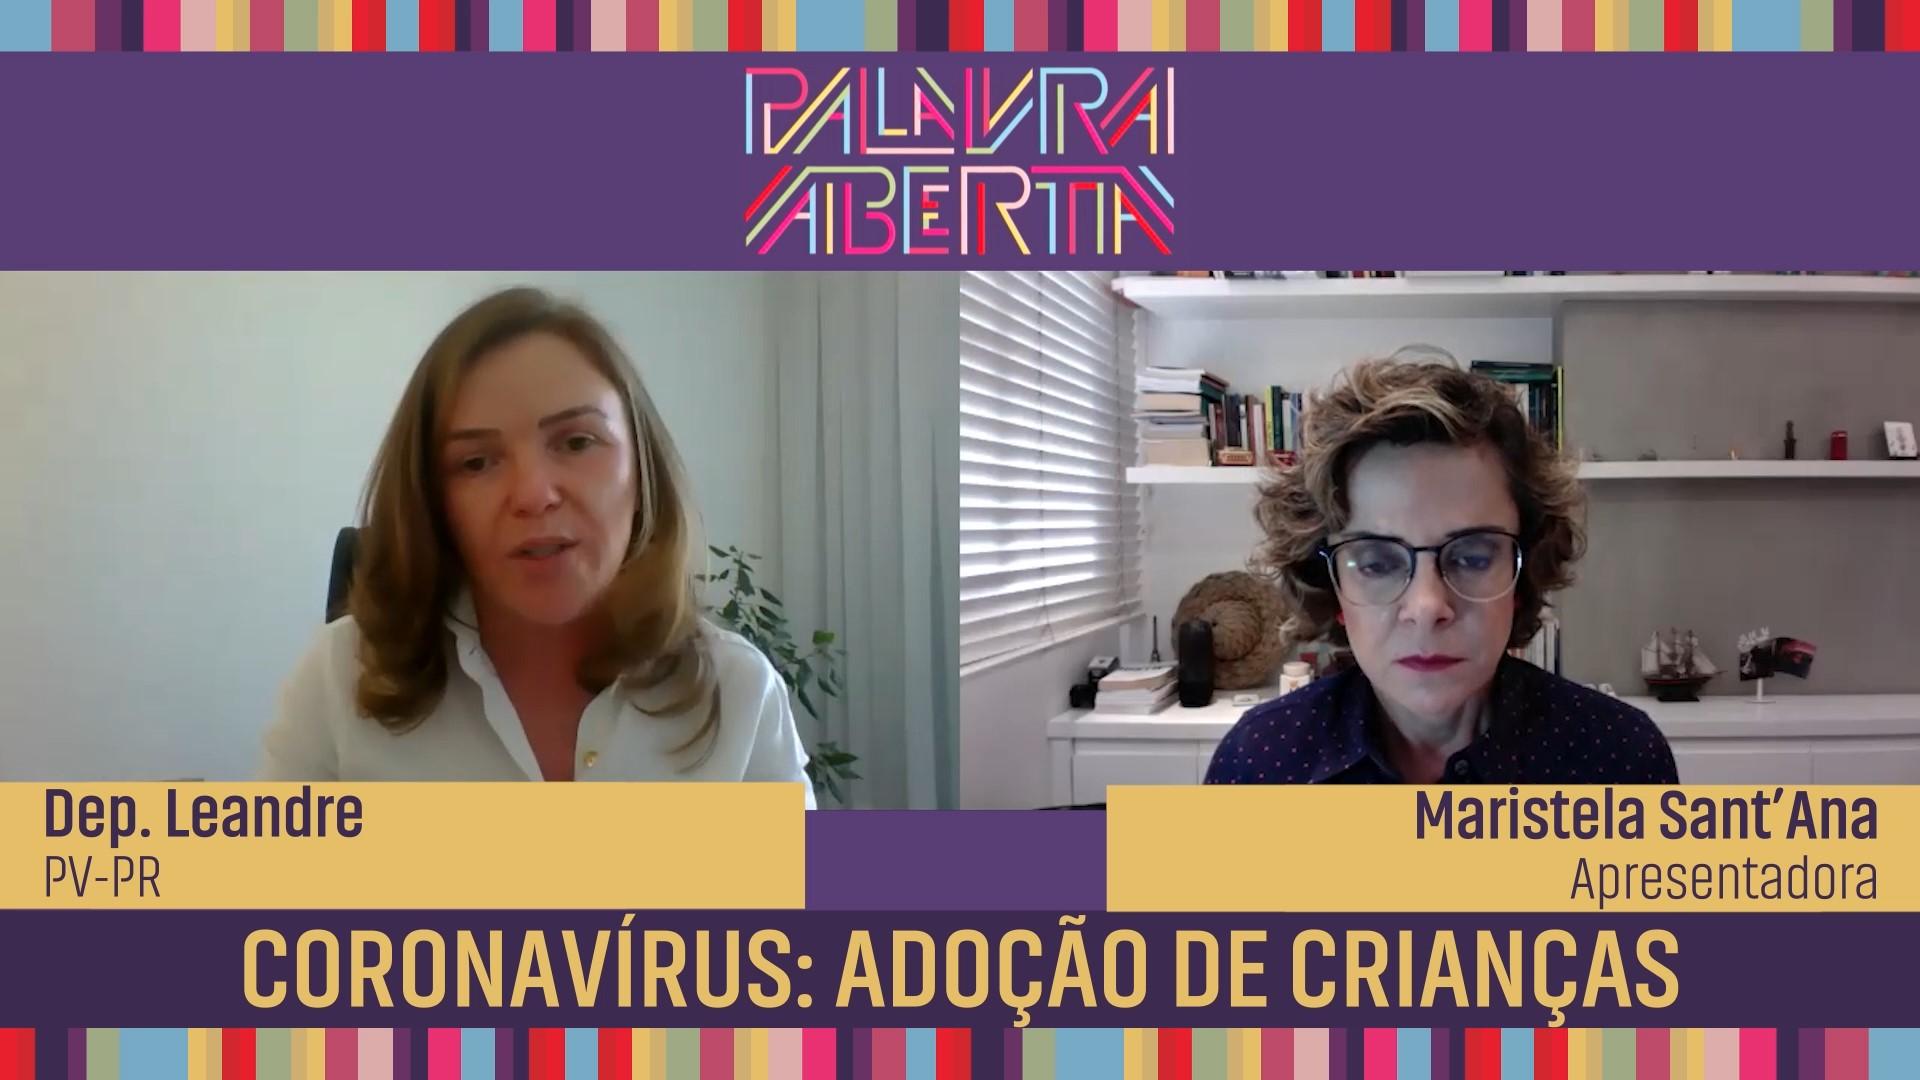 Coronavírus: Adoção de crianças